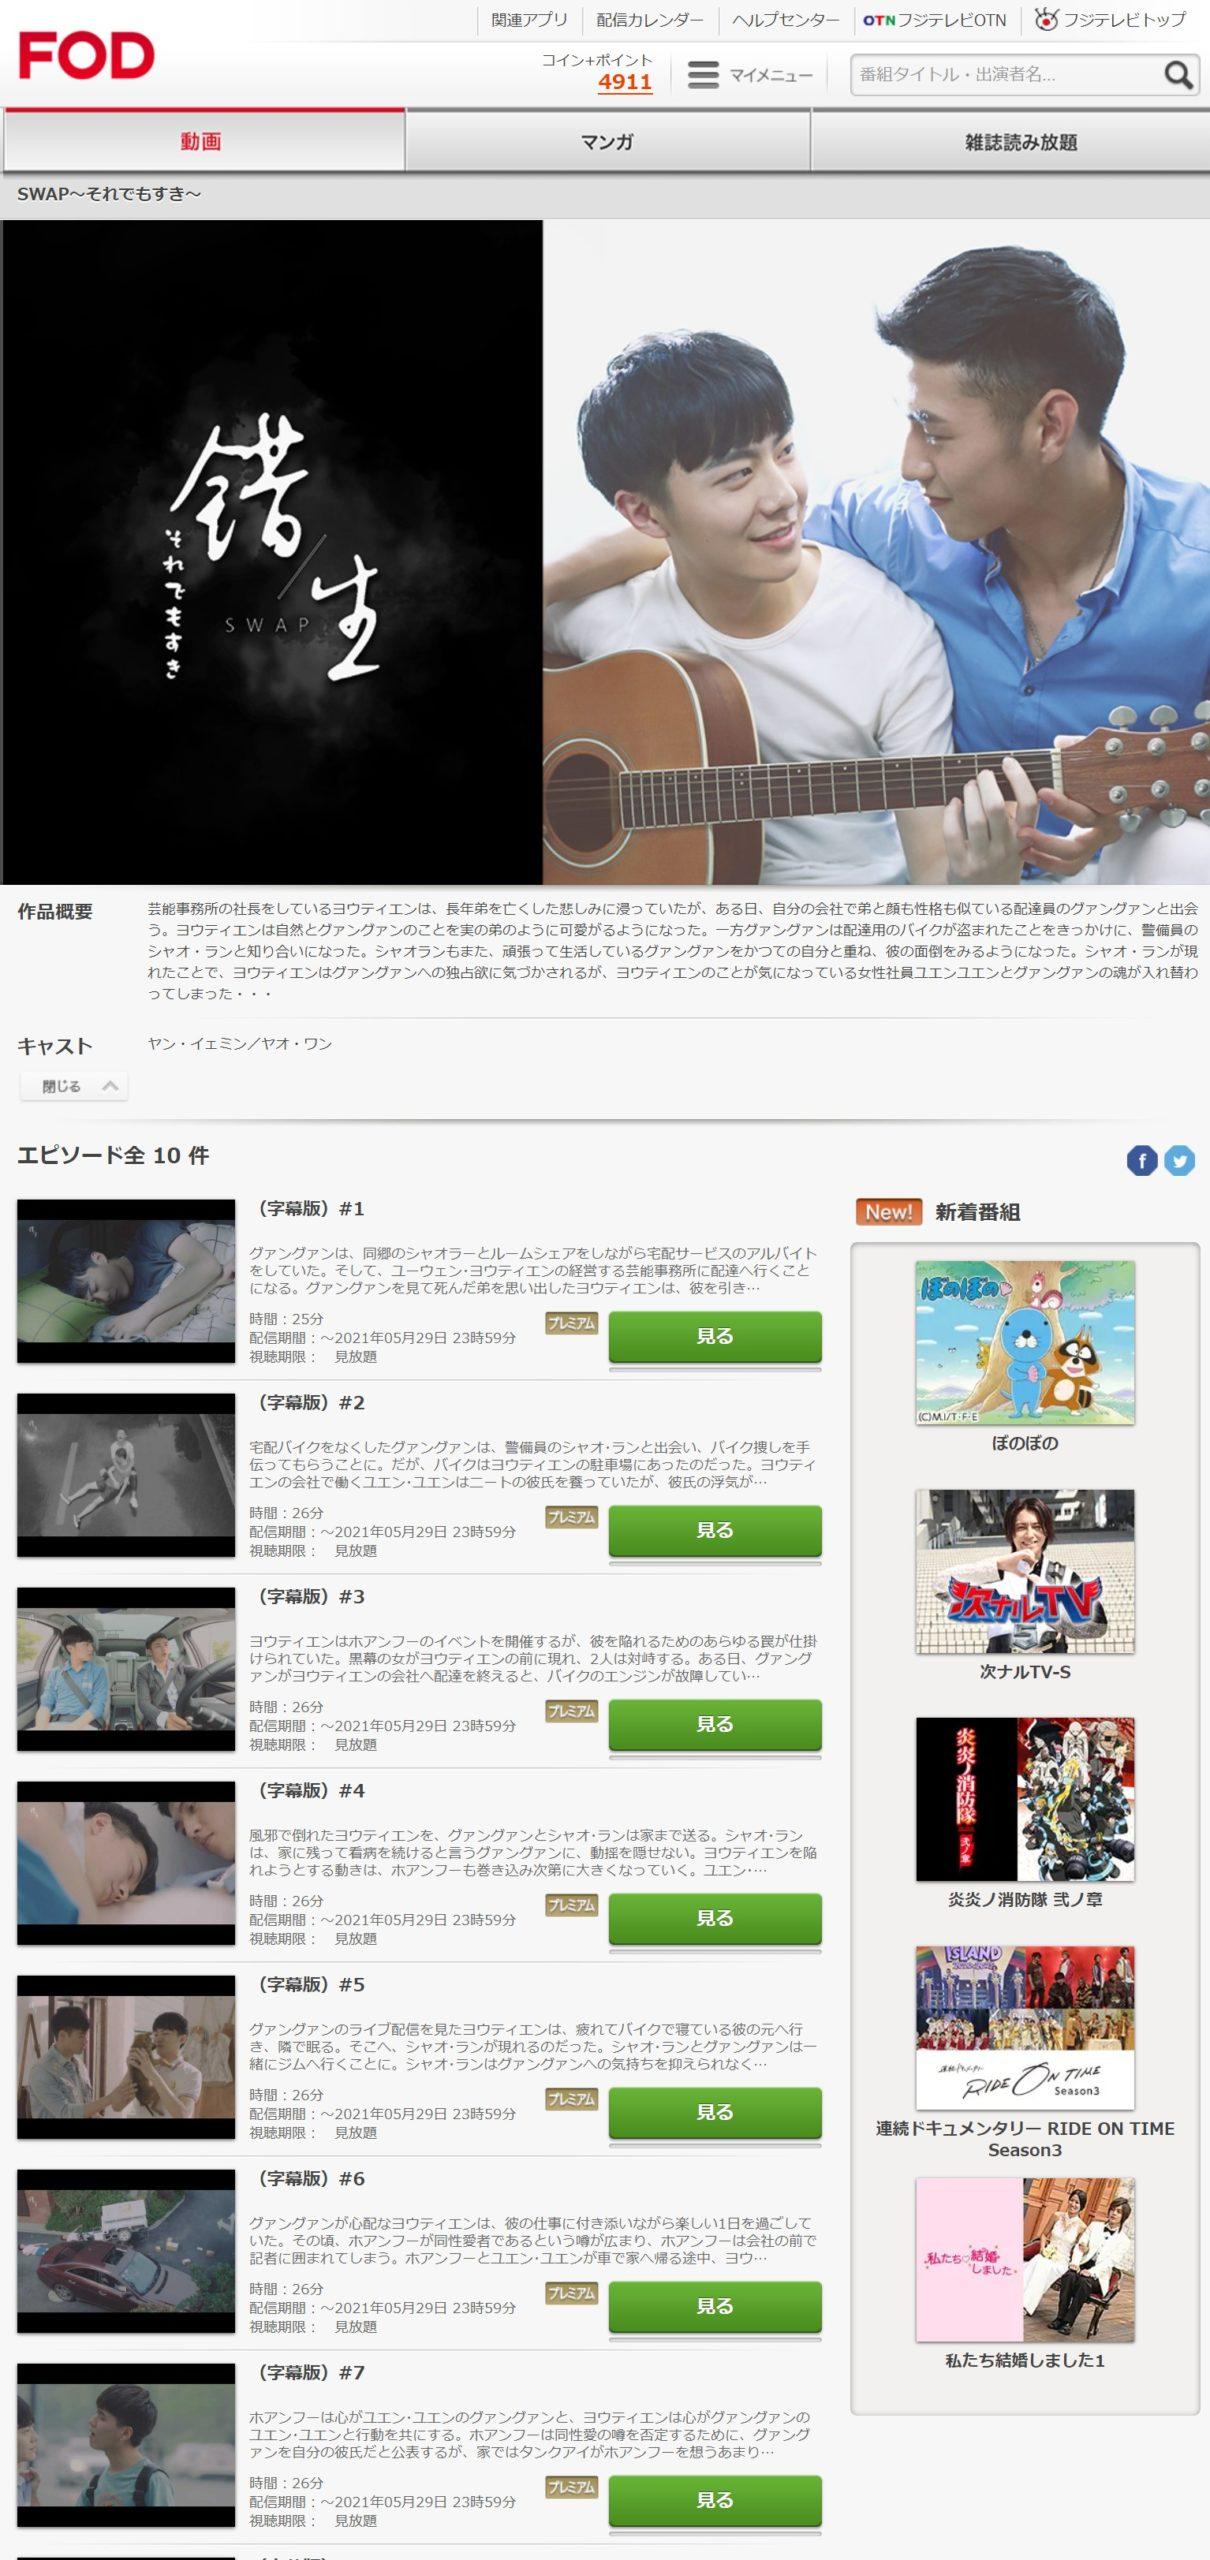 SWAP(中国BLドラマ)の動画無料視聴方法FOD